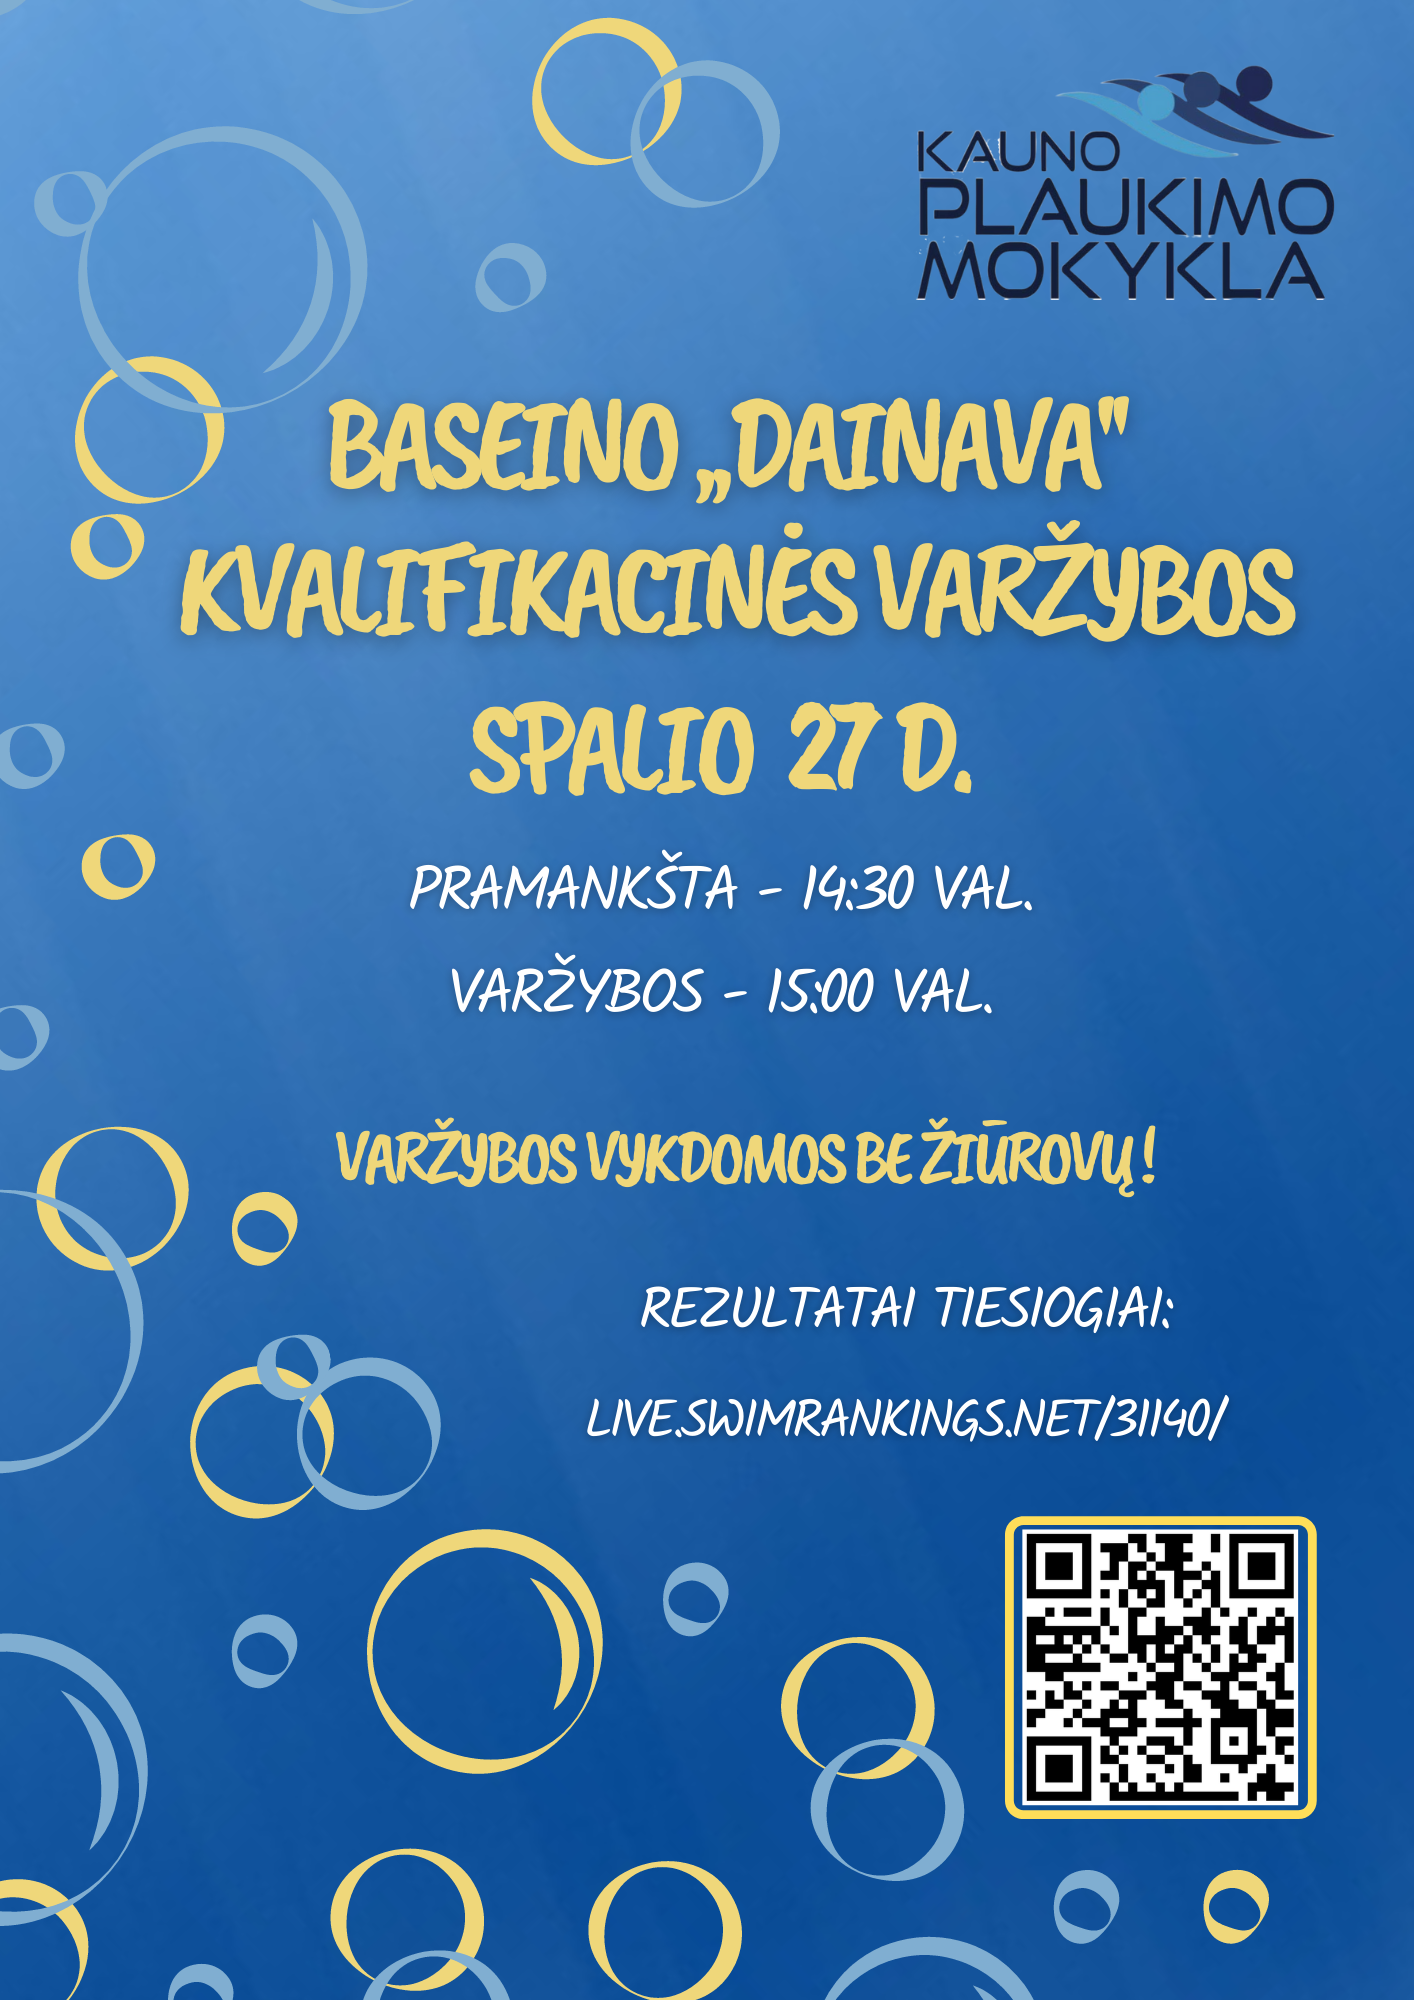 Baseino Dainava KV